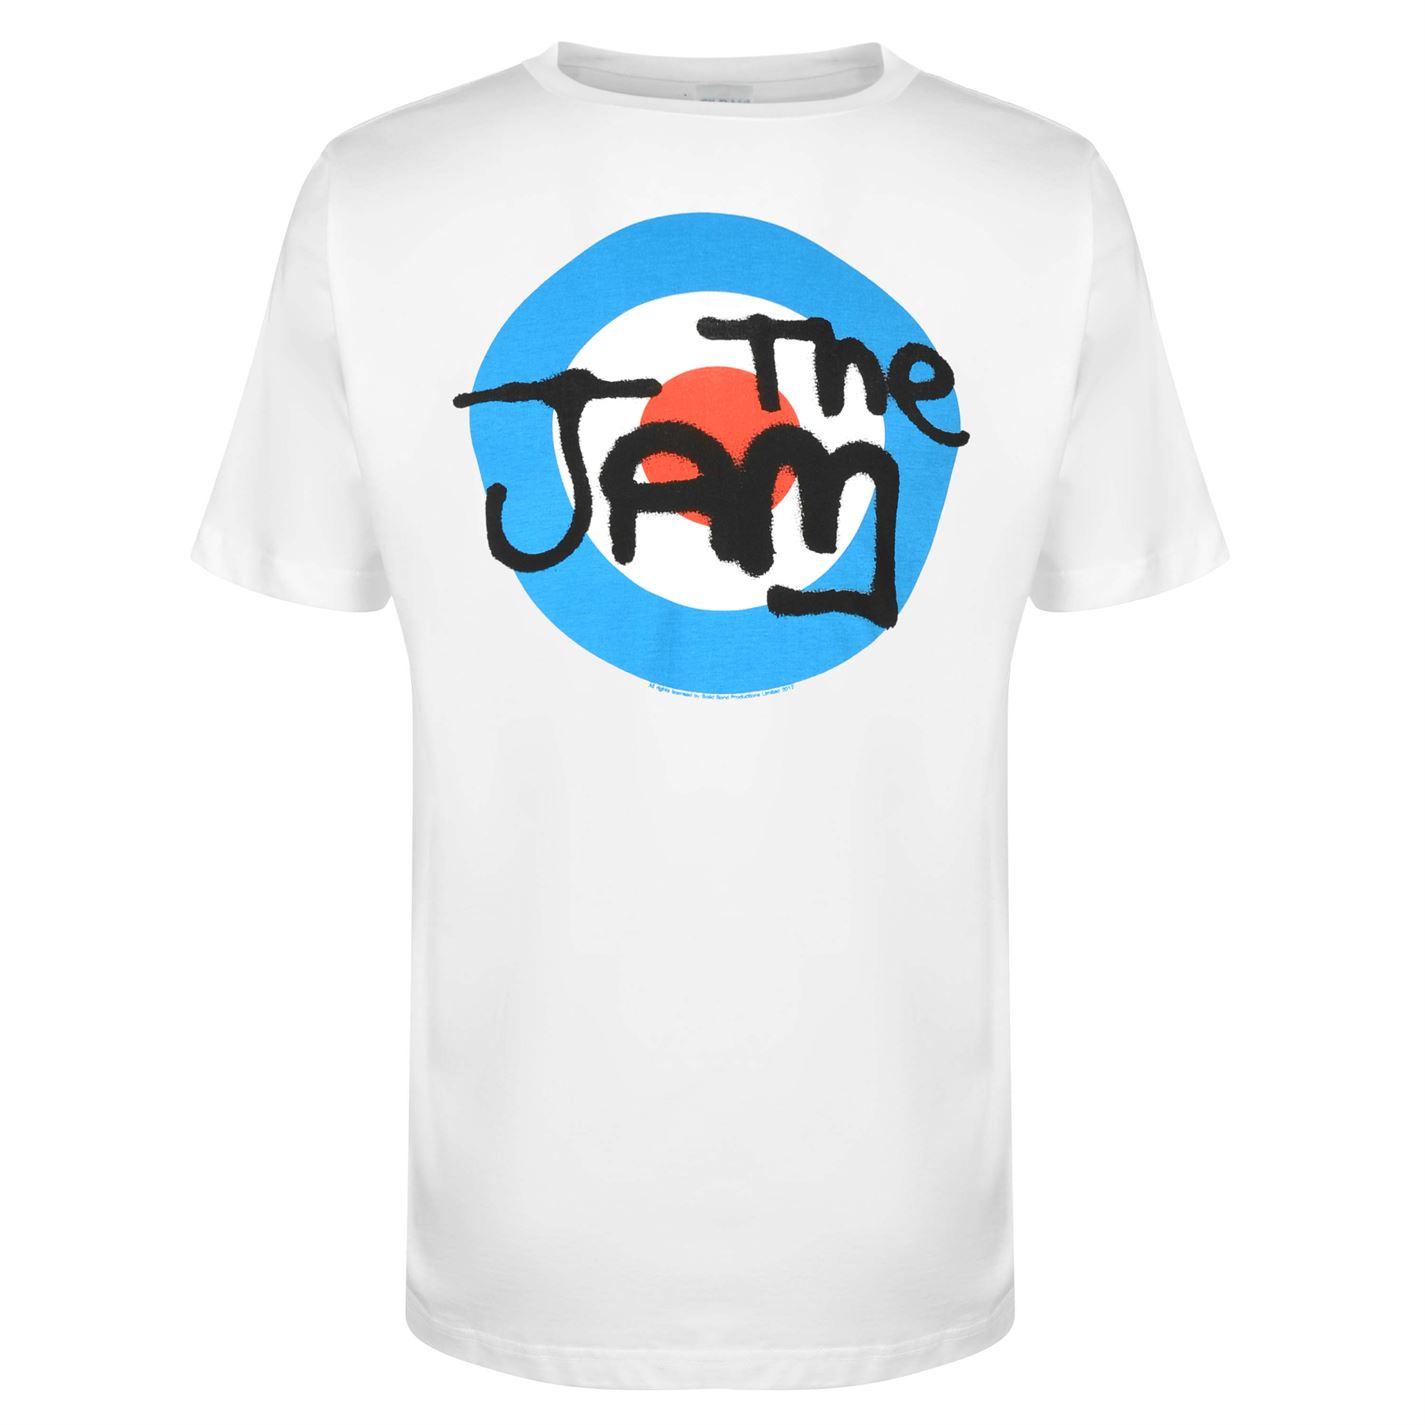 Official The Jam T Shirt